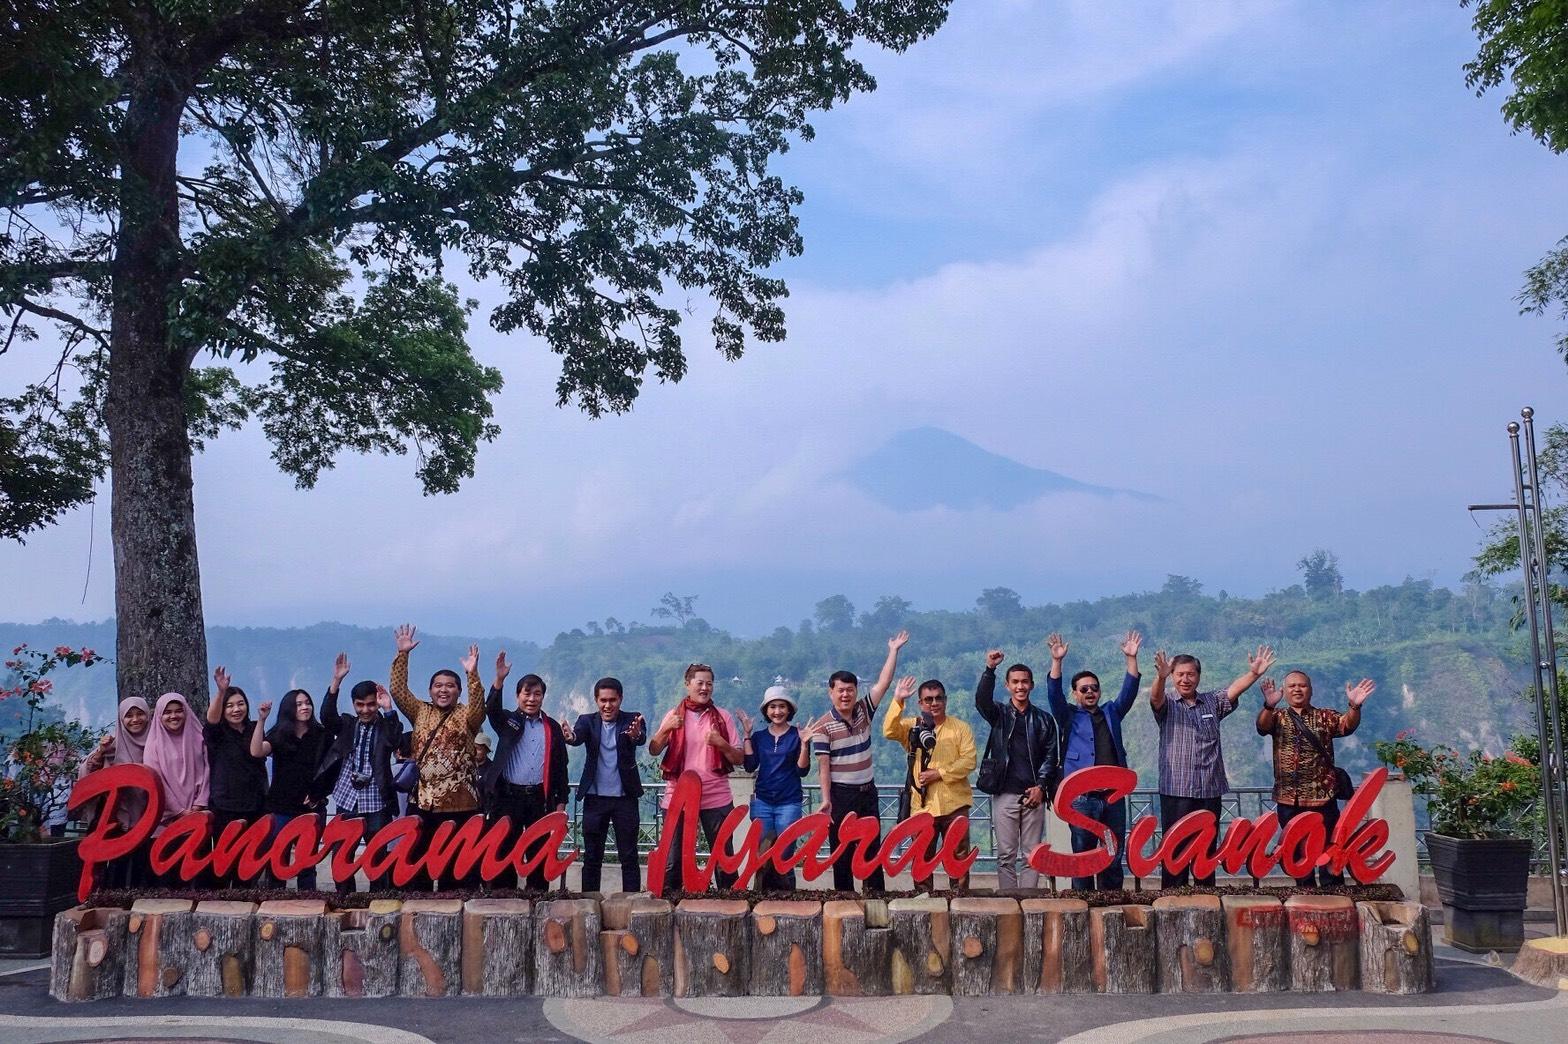 ท่อง ปาดัง : มนต์เสน่ห์ท่องเที่ยวอินโดนีเซีย